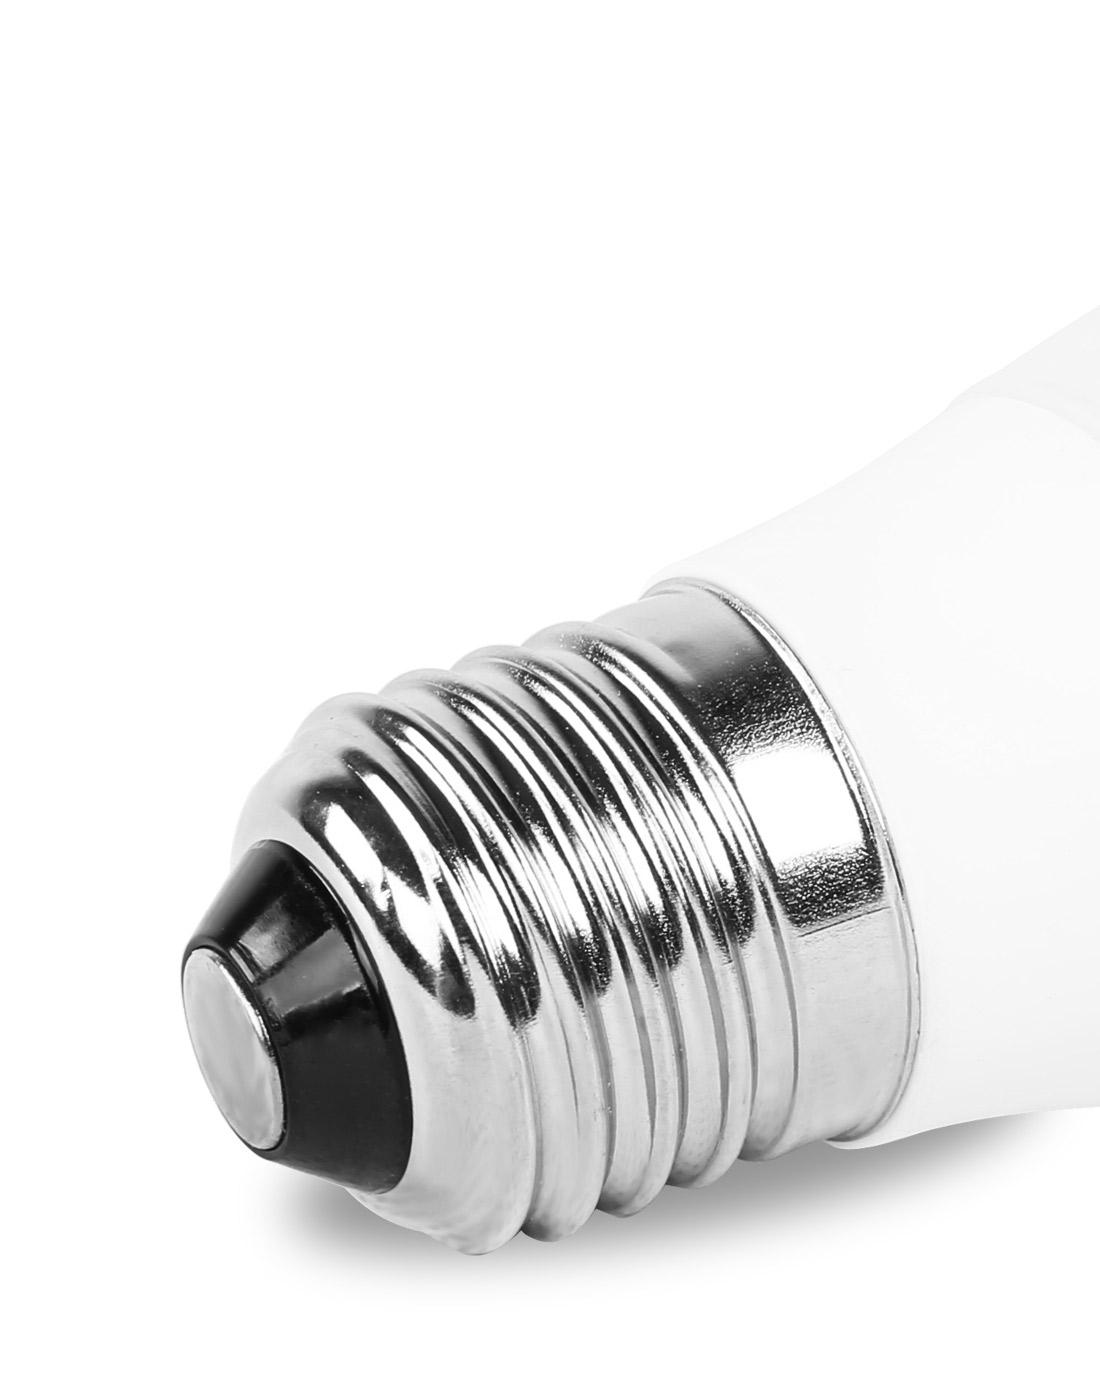 欧普照明专场led灯泡e27螺口lamp节能球泡5w黄光12-le